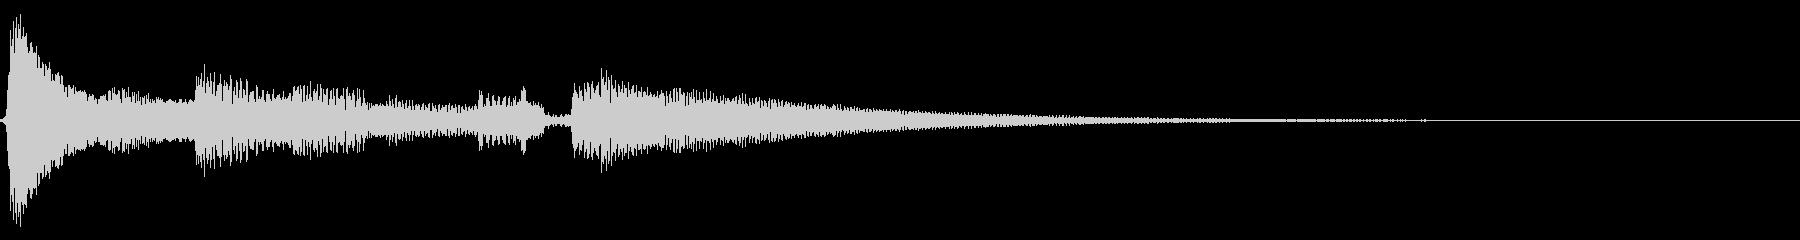 ★アコギ生音のジングル/おしゃれ の未再生の波形